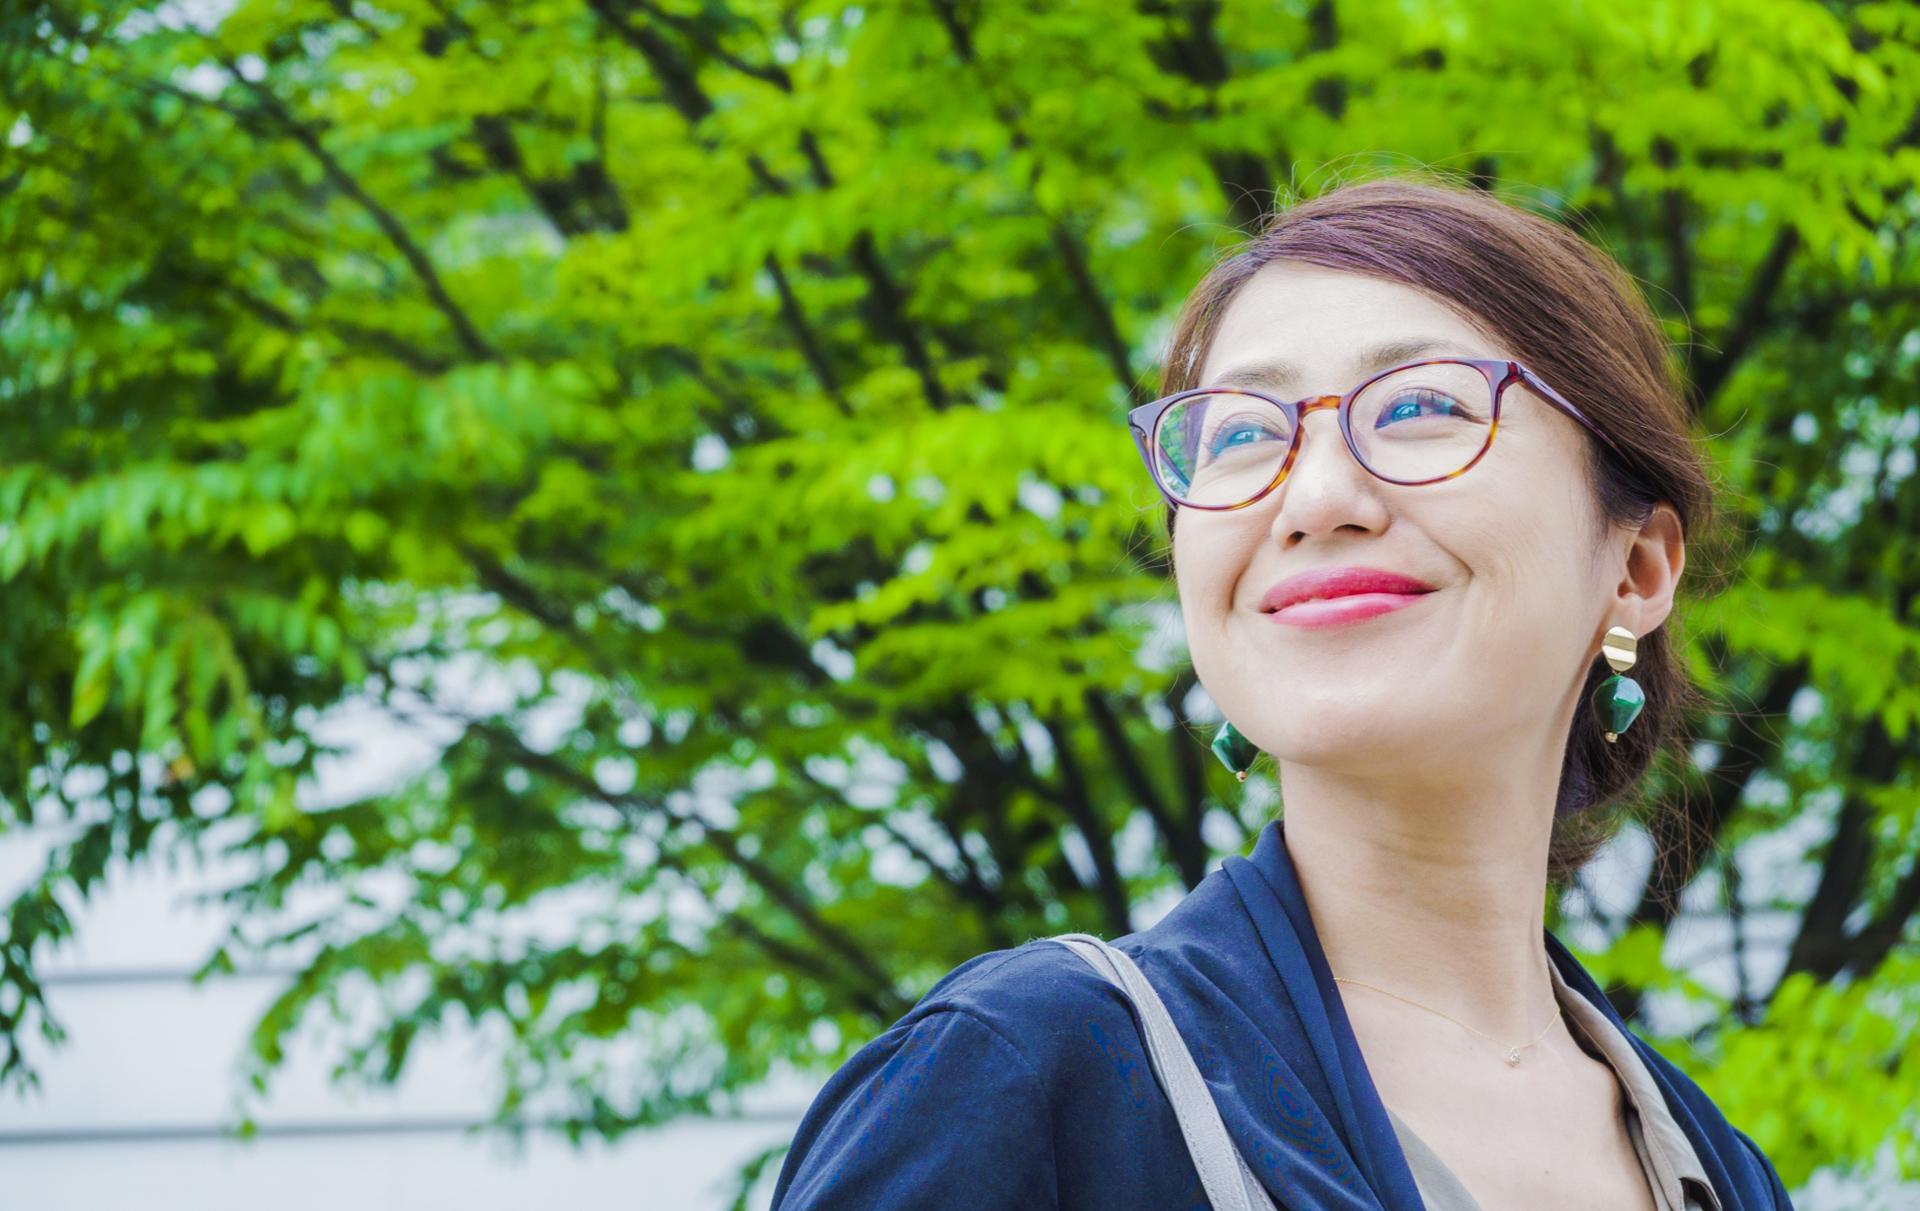 記事 Yama様 40代 女性 会社員 のアイキャッチ画像